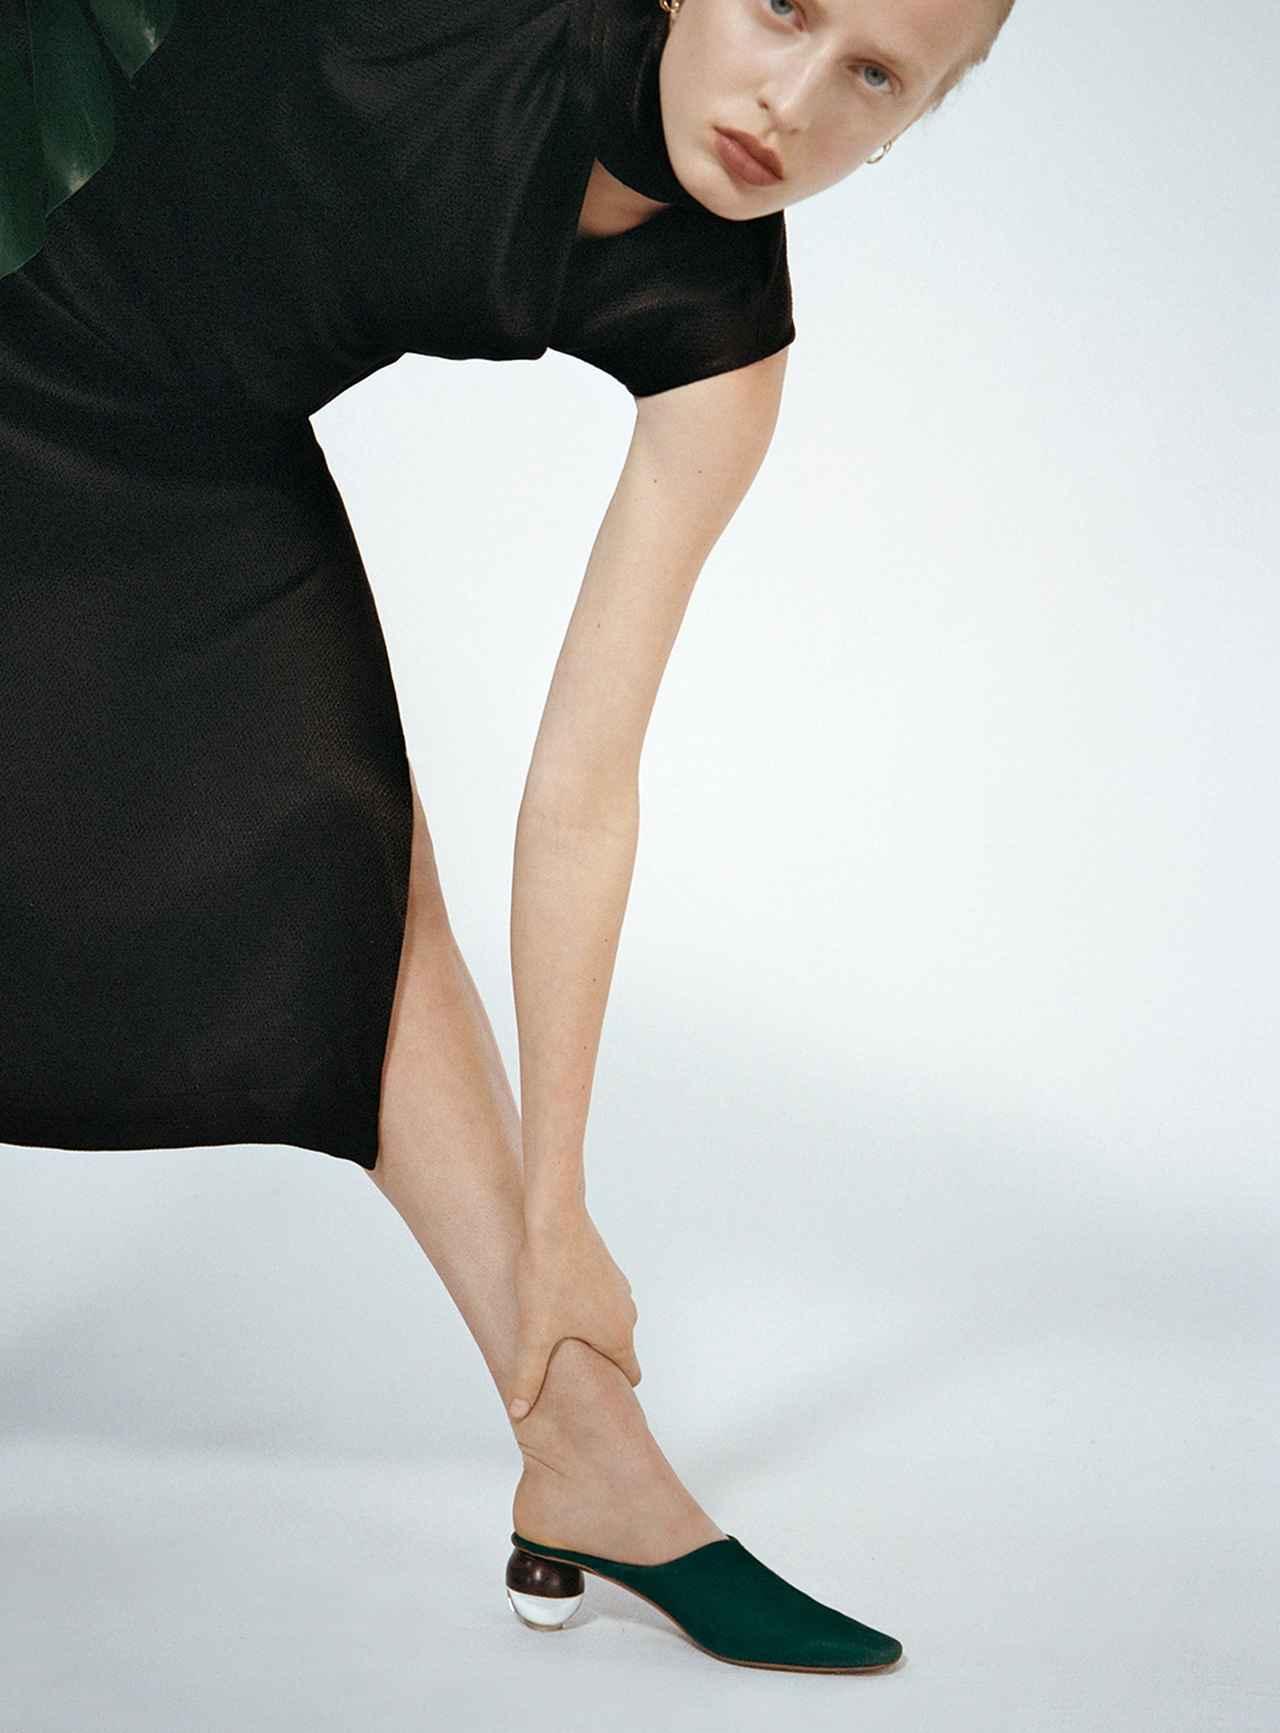 Images : 3番目の画像 - 「蘭をイメージした ミニマルなシューズブランド 「ネオアス」」のアルバム - T JAPAN:The New York Times Style Magazine 公式サイト